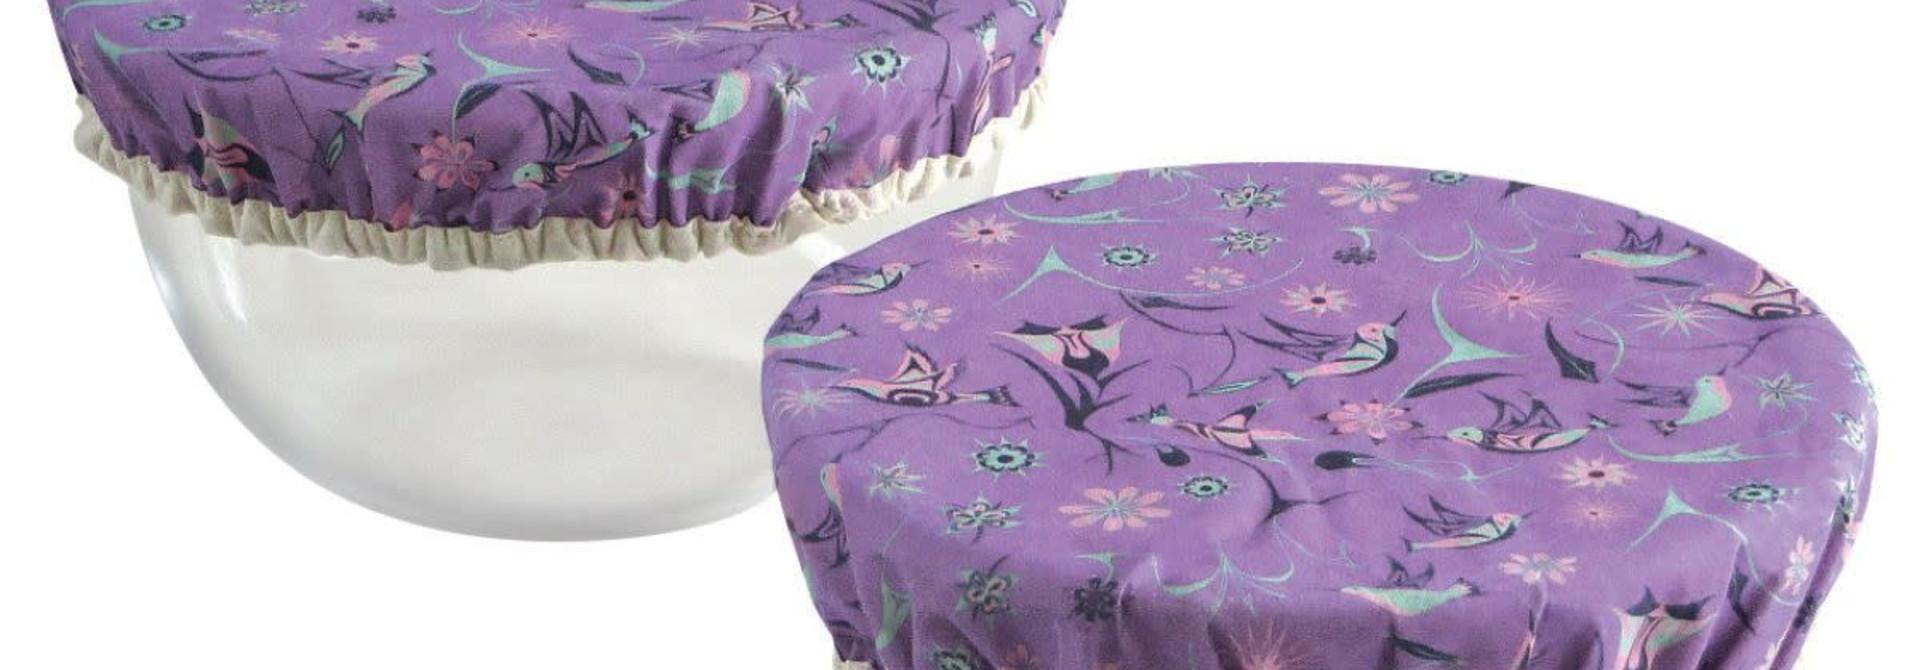 Set of 2 Reusable Bowl Covers-Hummingbird by Nikki LaRock